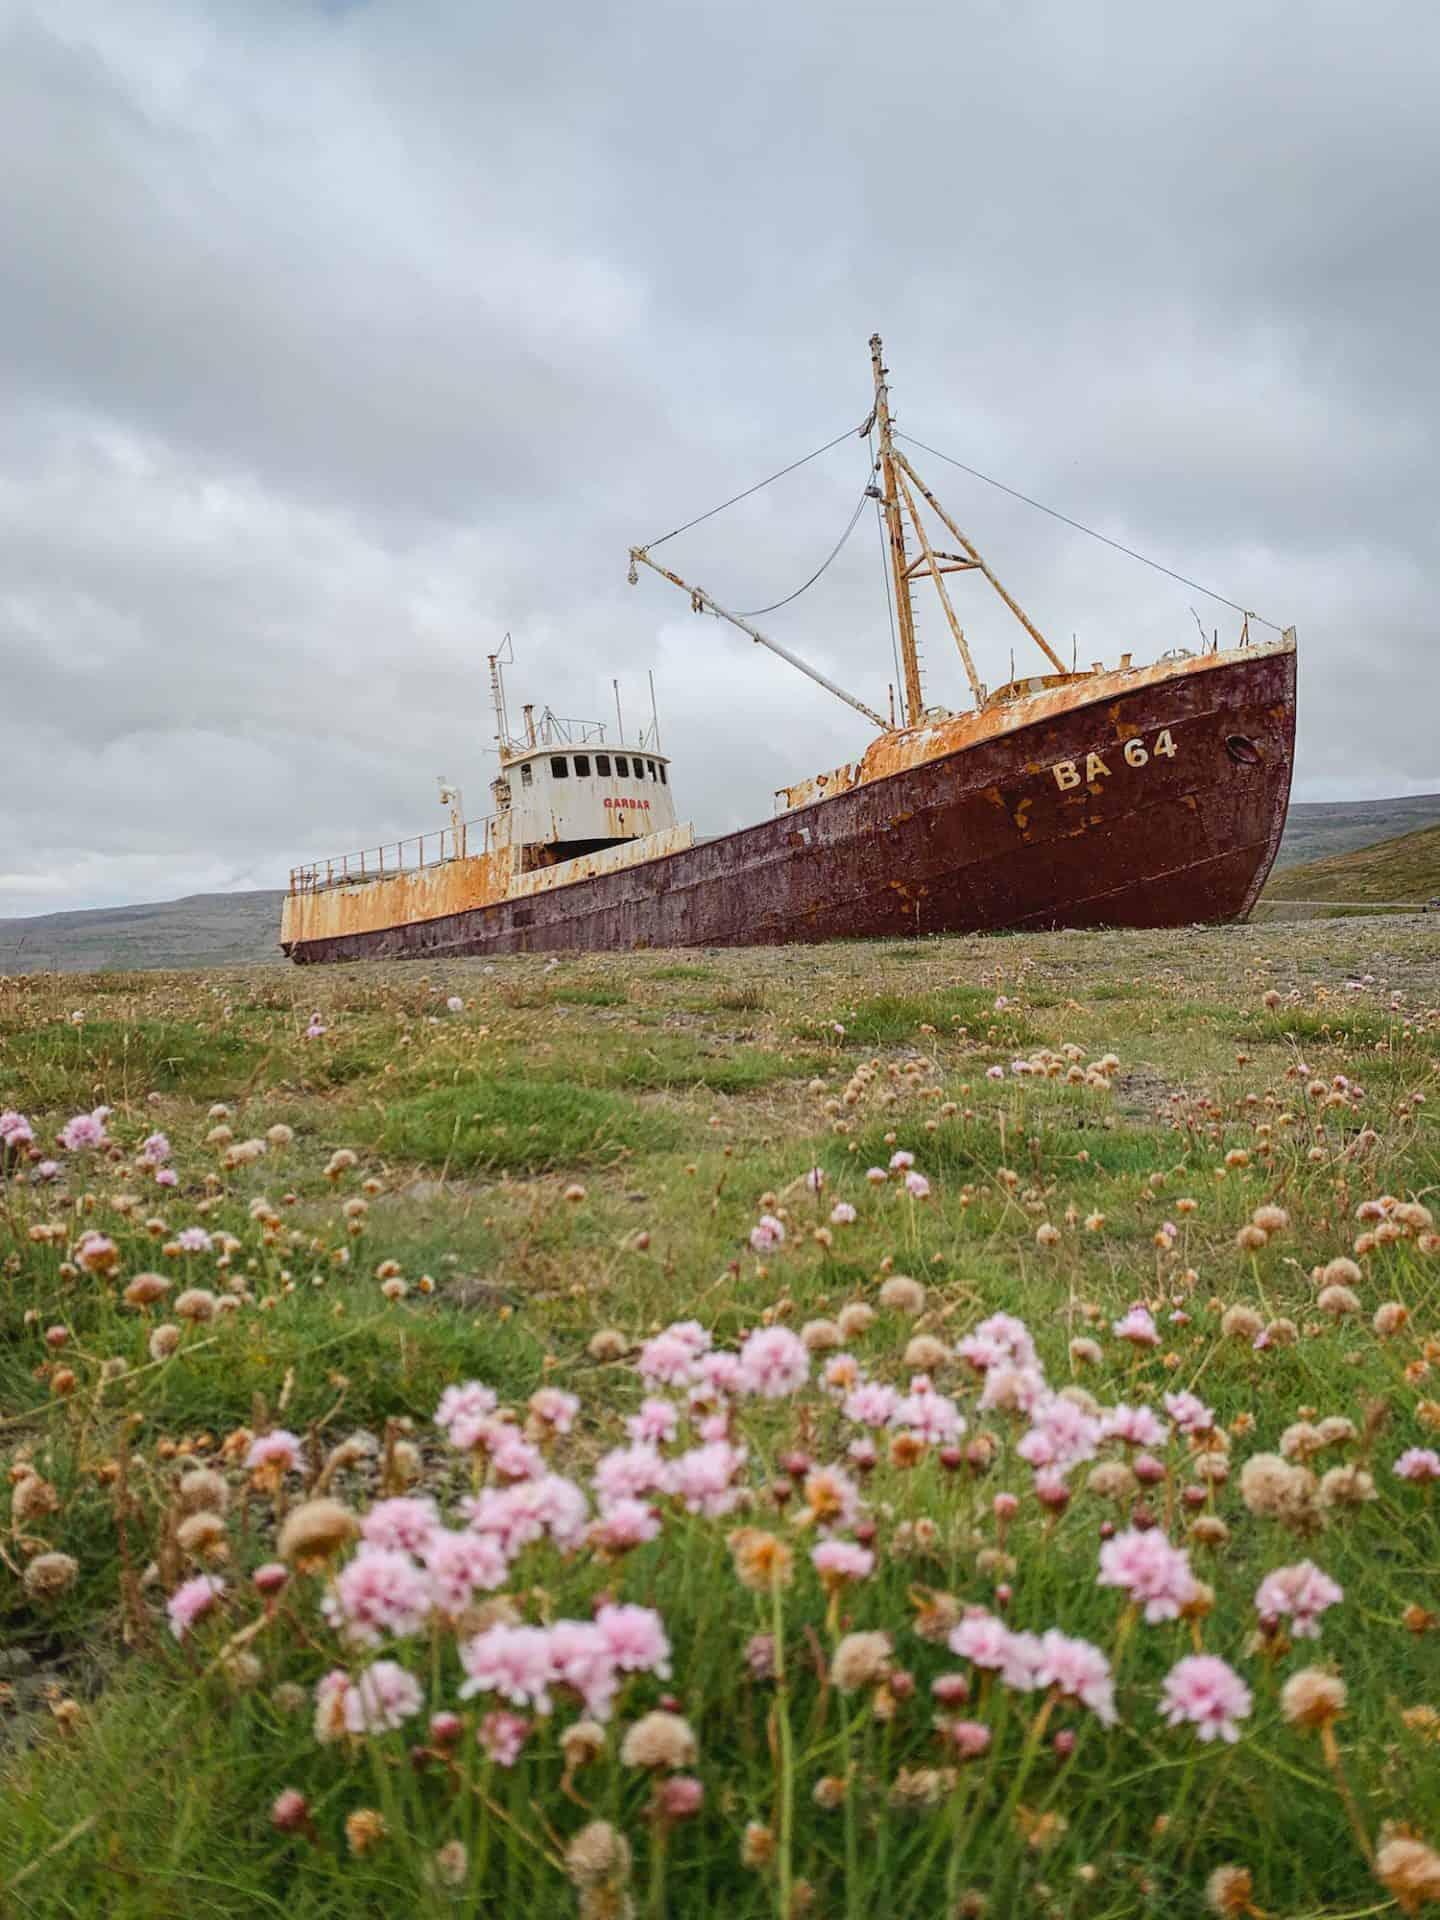 Garðar BA 64 ship in the Westfjords of Iceland